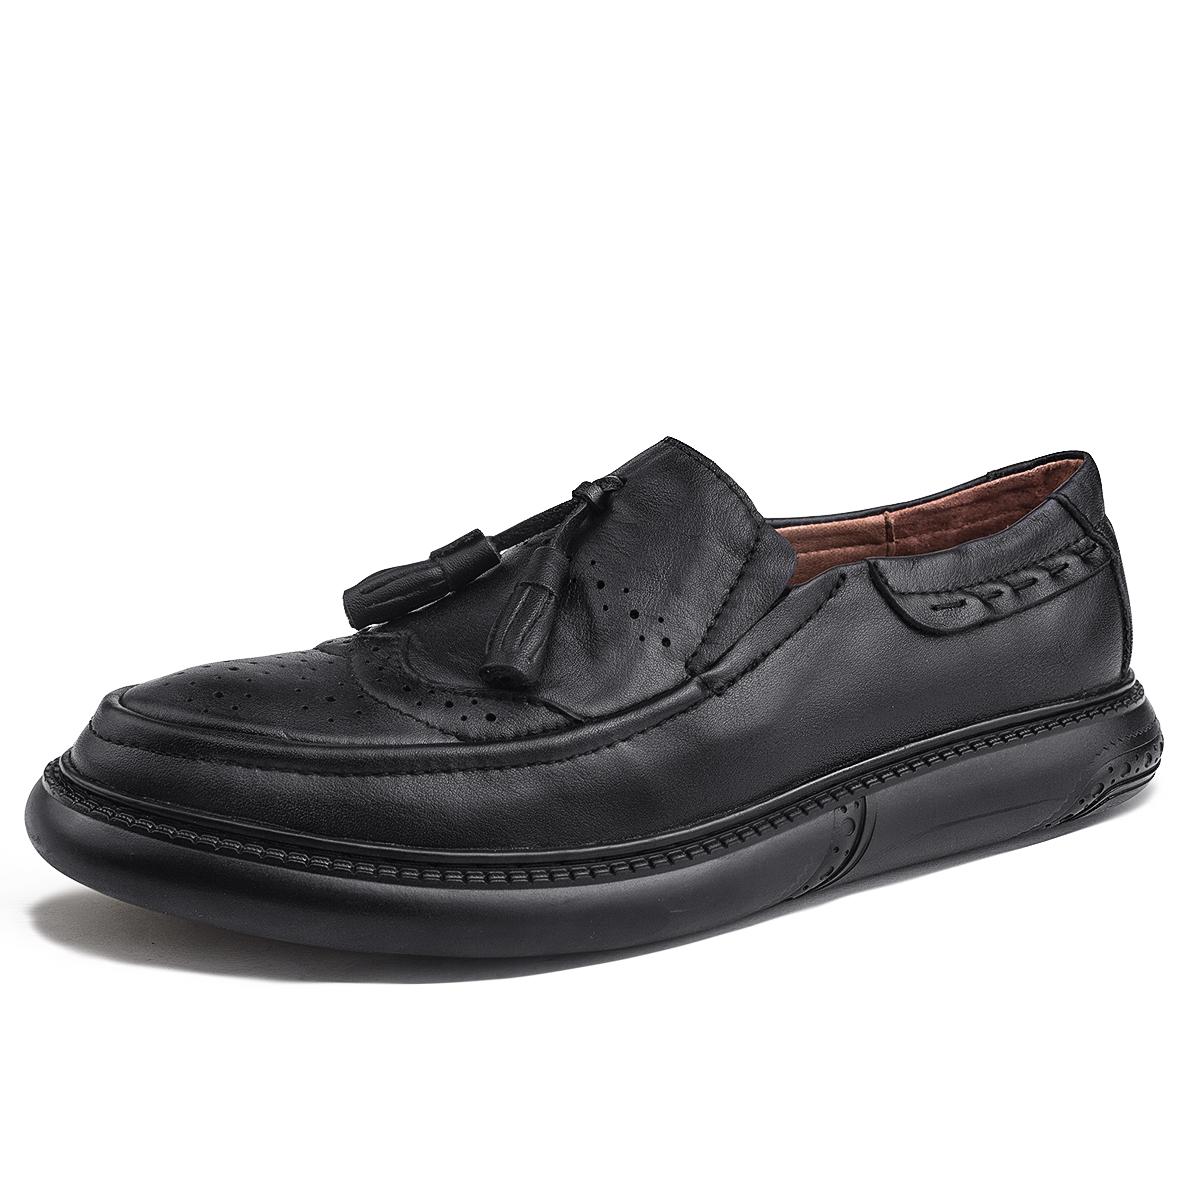 布洛克男鞋真皮英伦小皮鞋复古雕花手工鞋韩版流苏船鞋懒人乐福鞋